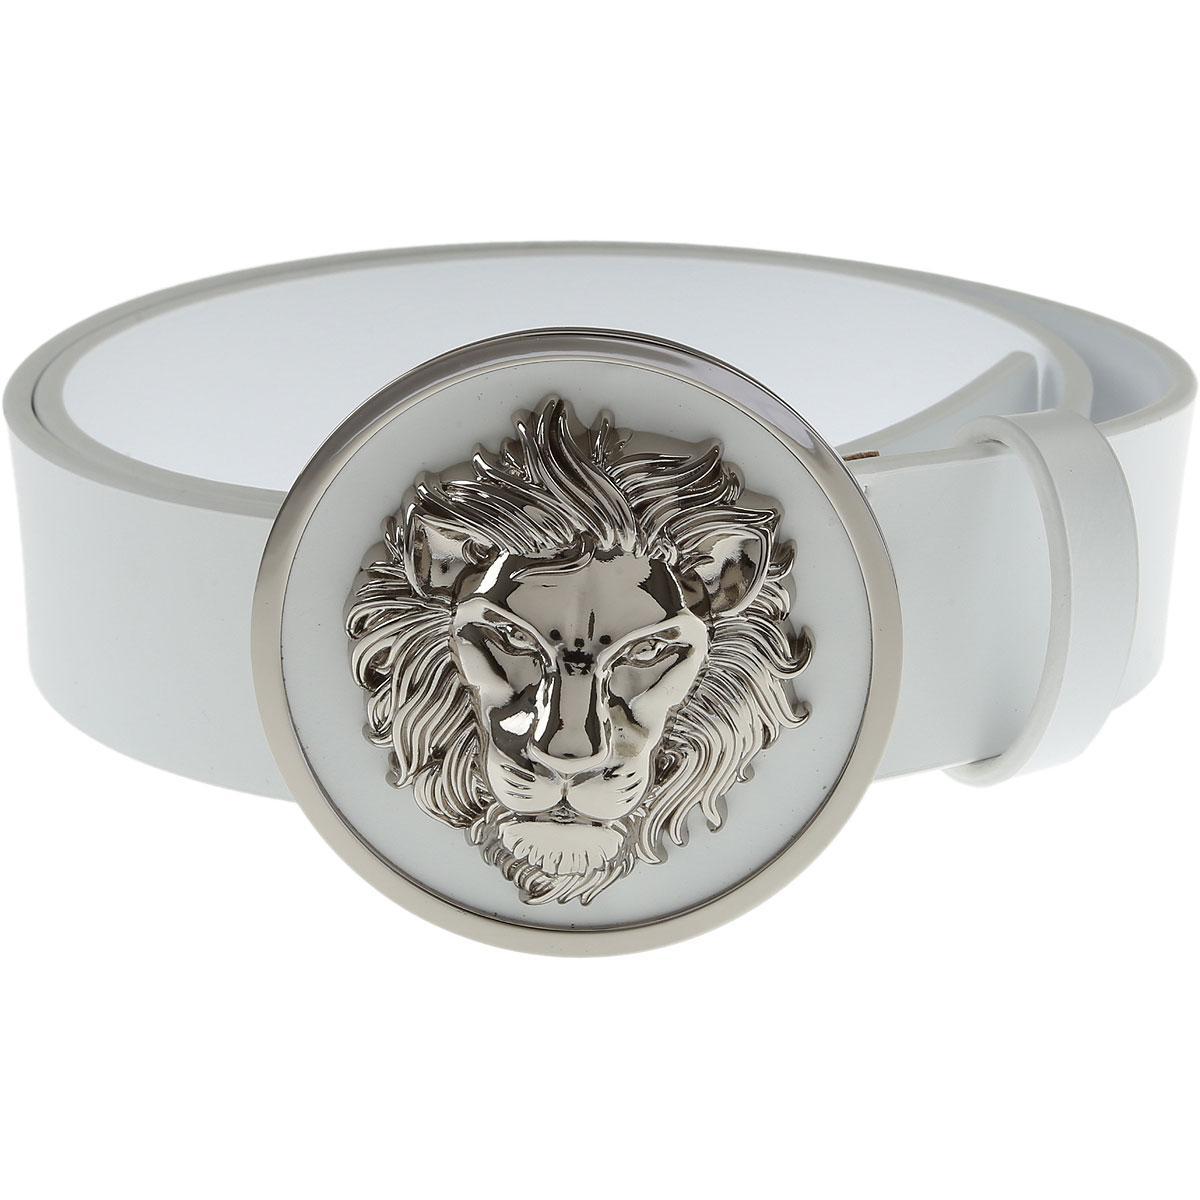 Lyst - Cinturones para Hombres Versace de hombre de color Blanco 85088a6b1534